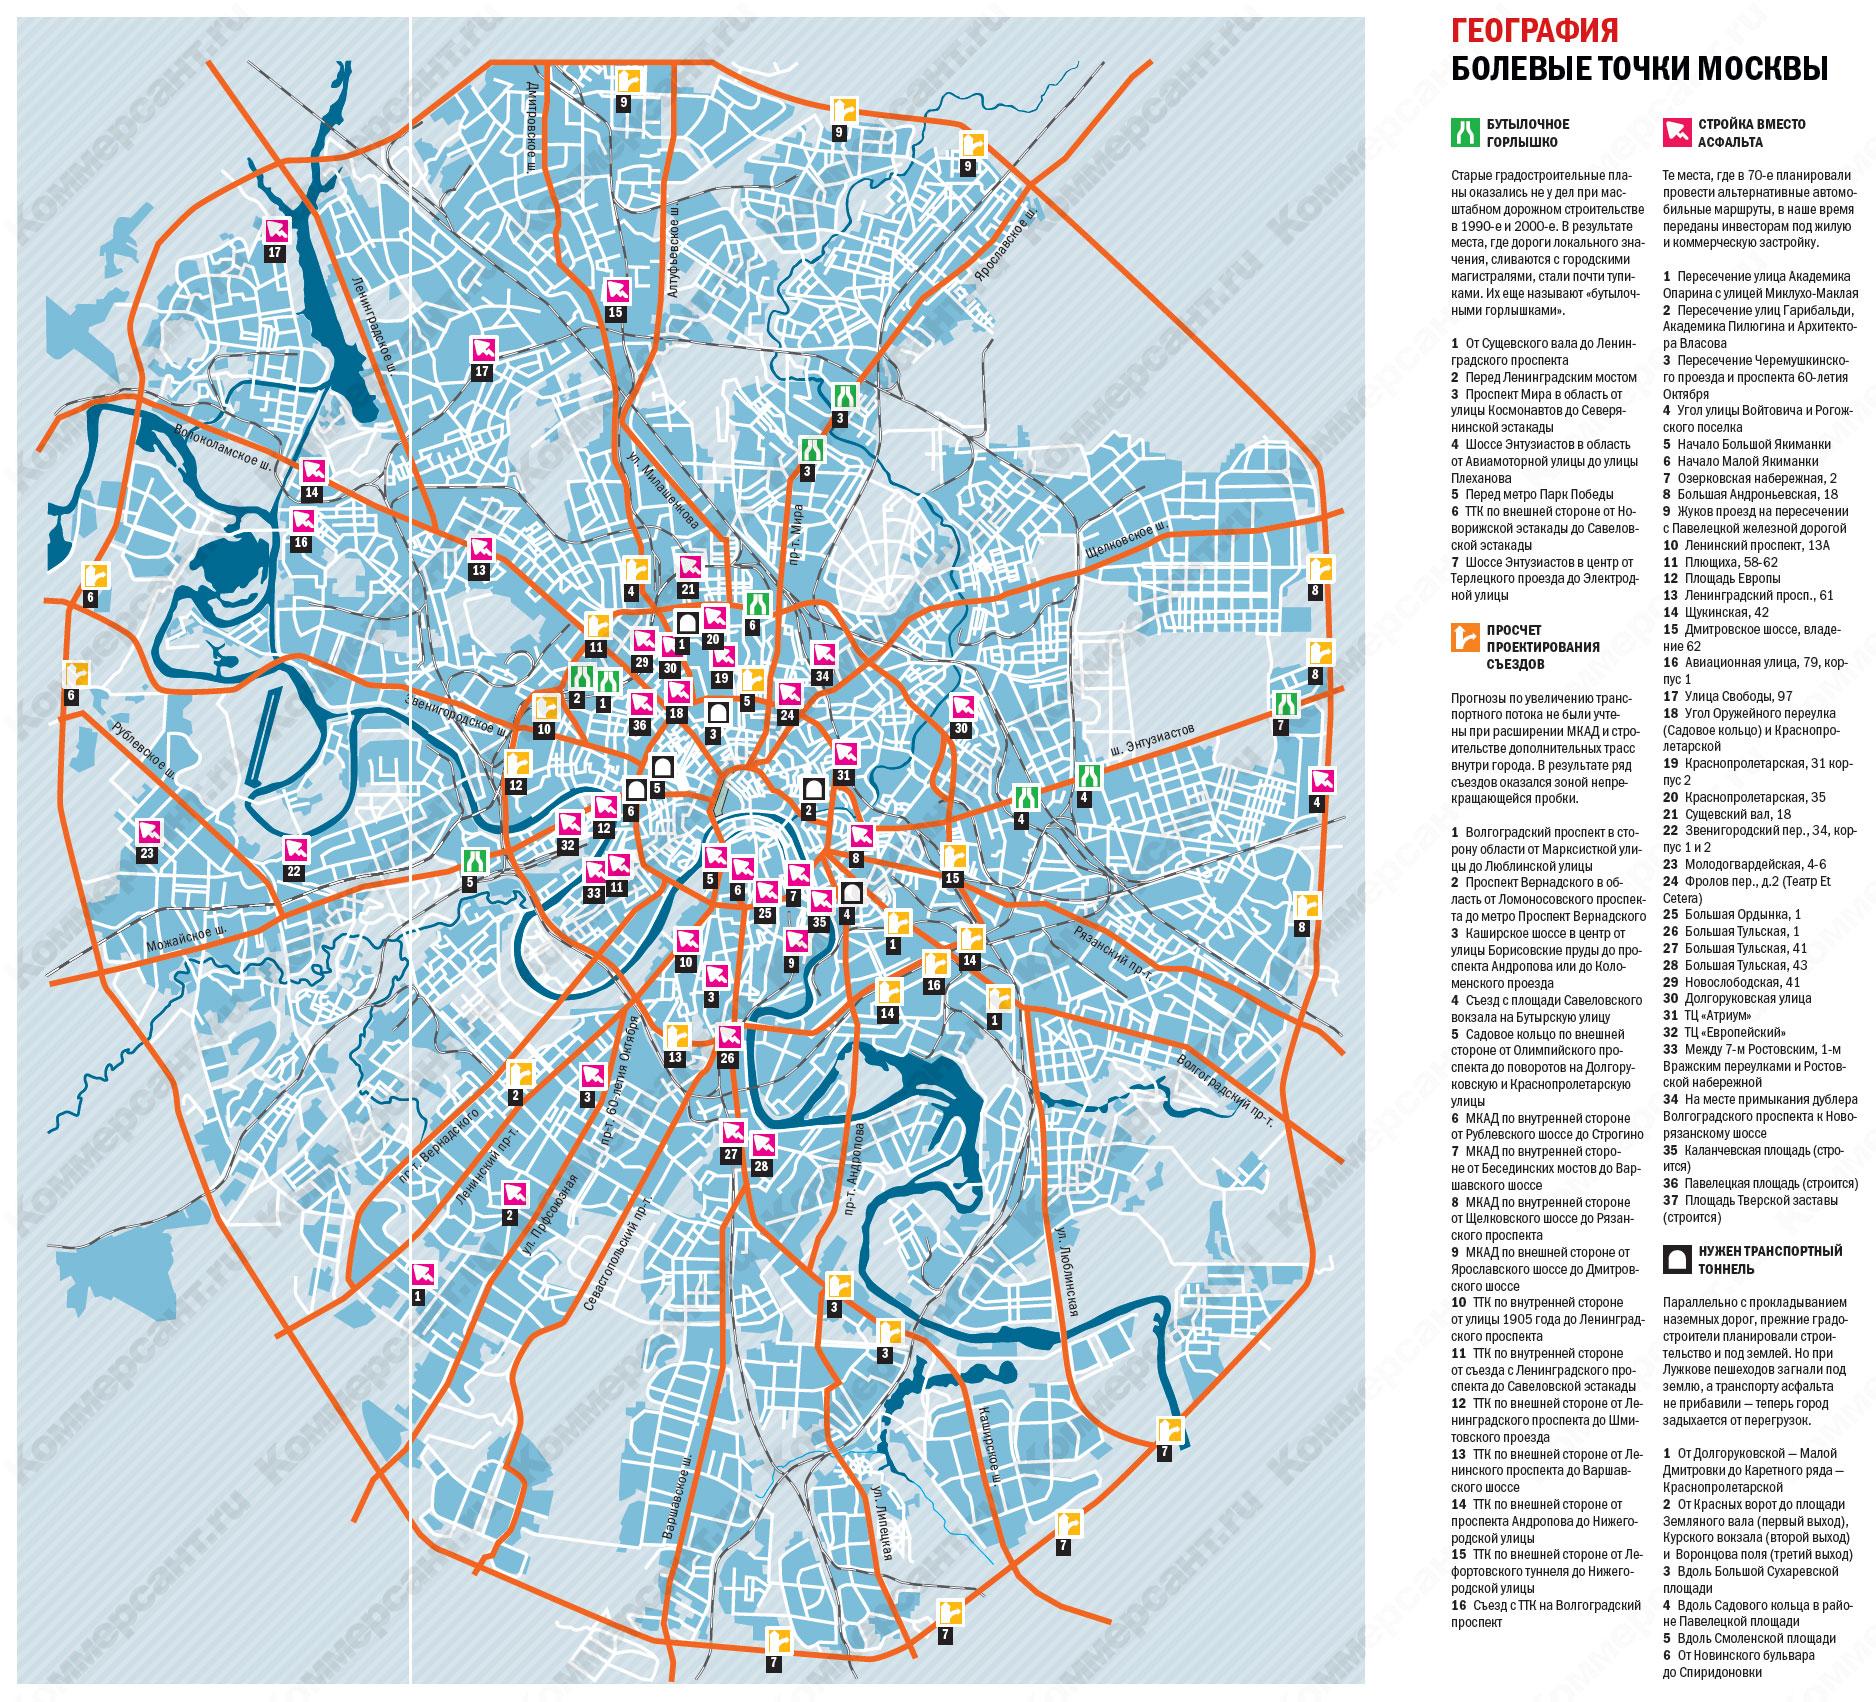 поиск проституток по карте москвы что хотели знать